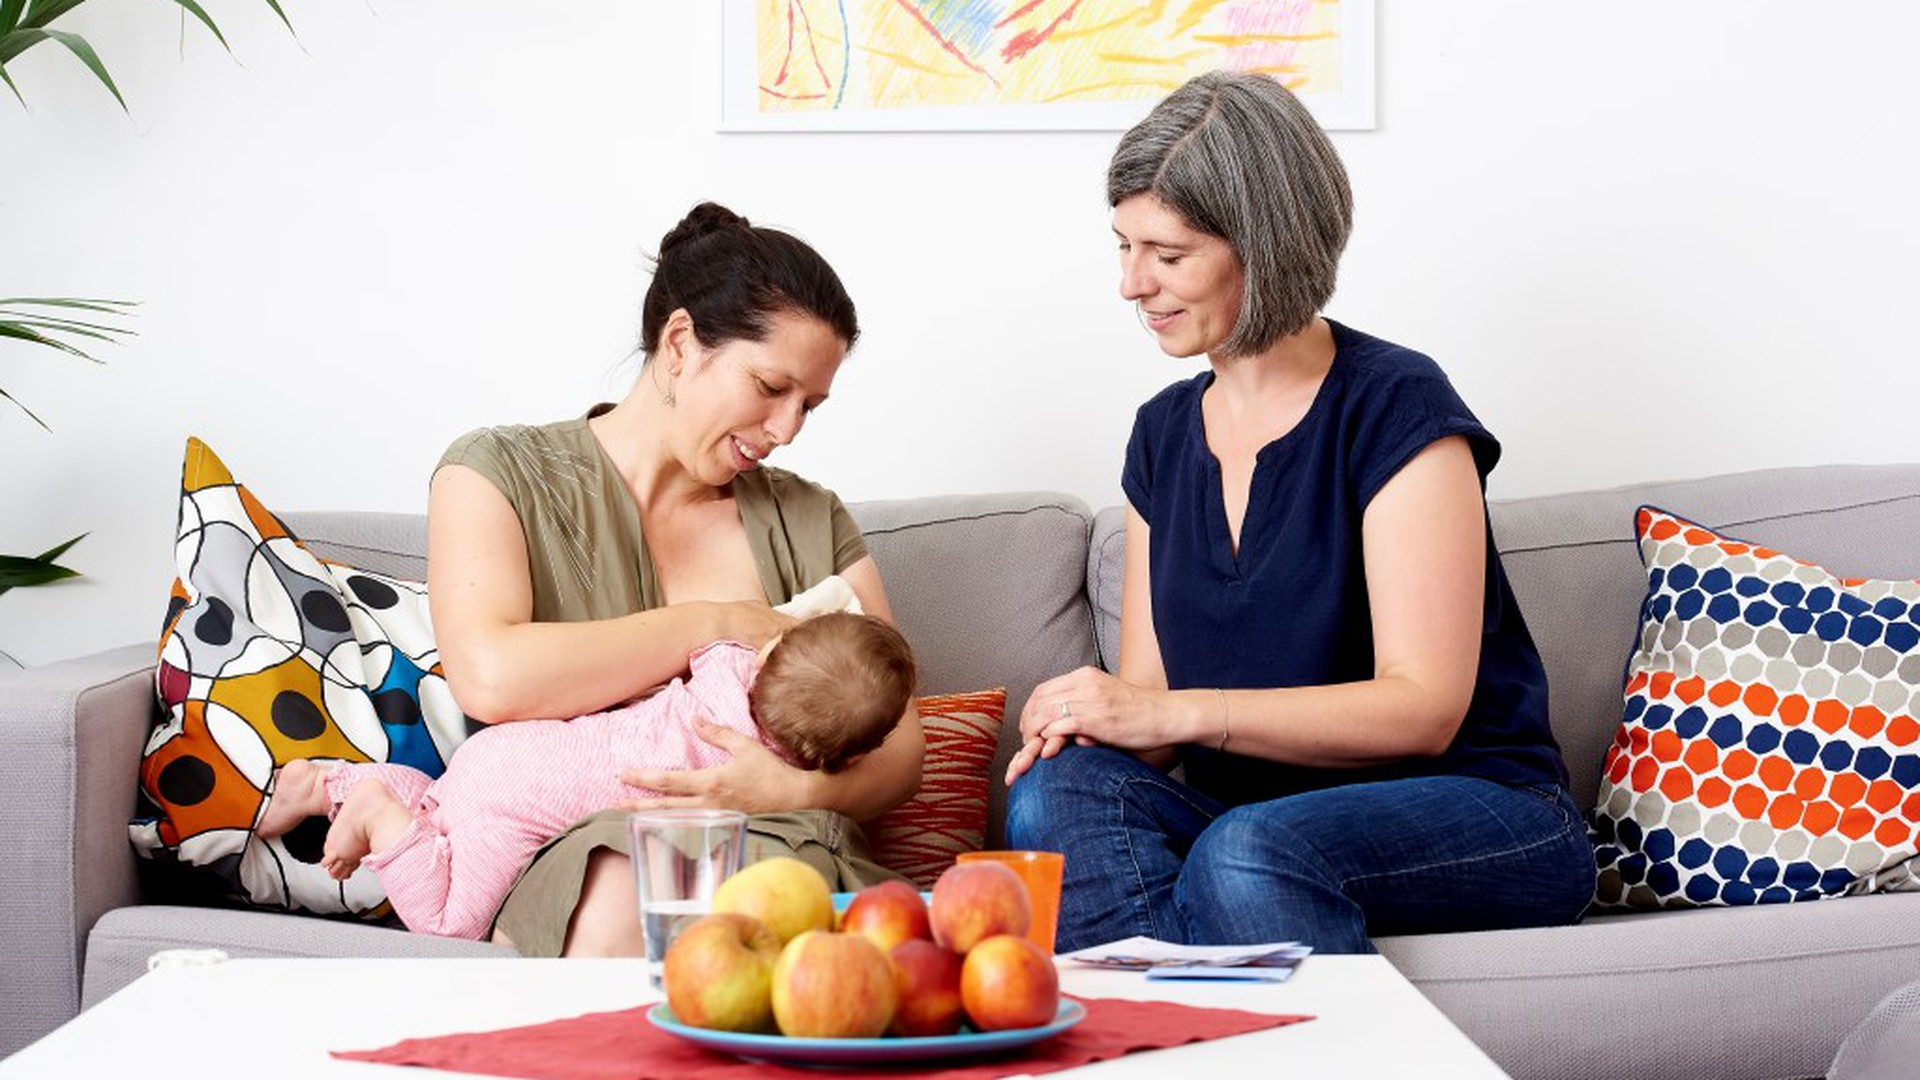 Mutter mit Baby wird im Rahmen der Familienbegleitung betreut